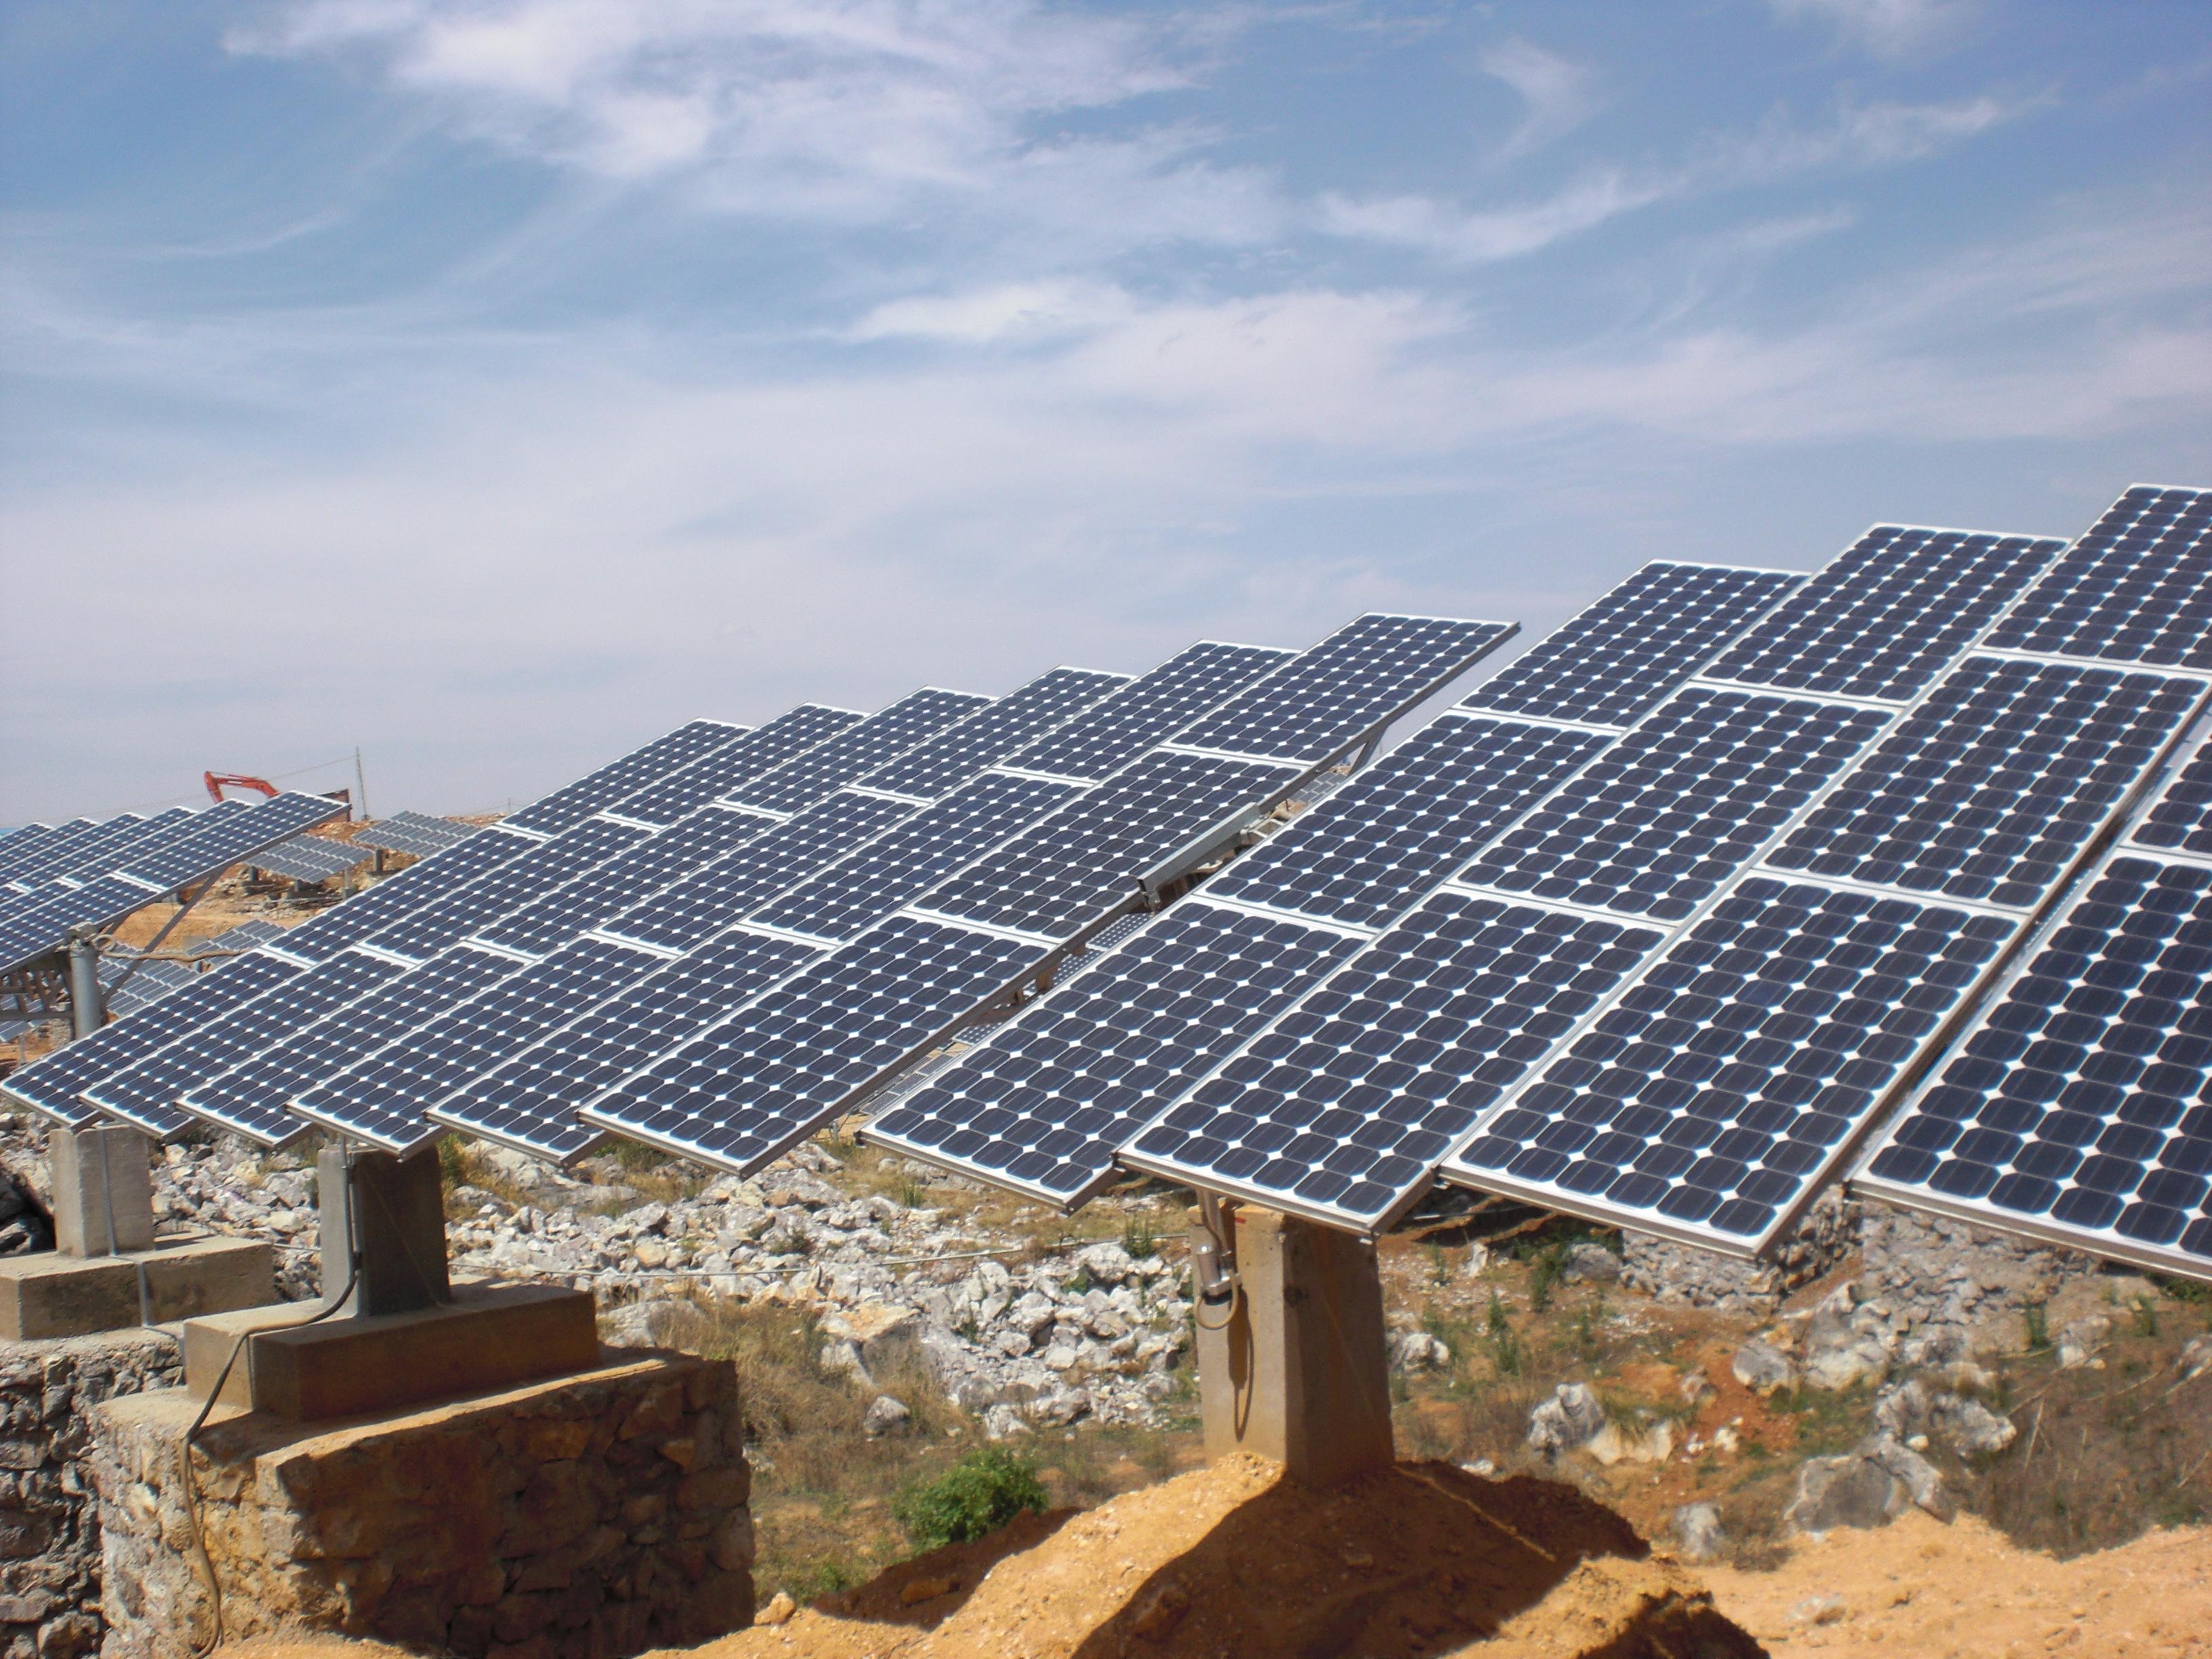 Հայաստանում նախատեսվում է կառուցել 400ՄՎտ հզորությամբ արևային ֆոտովոլտային կայաններ